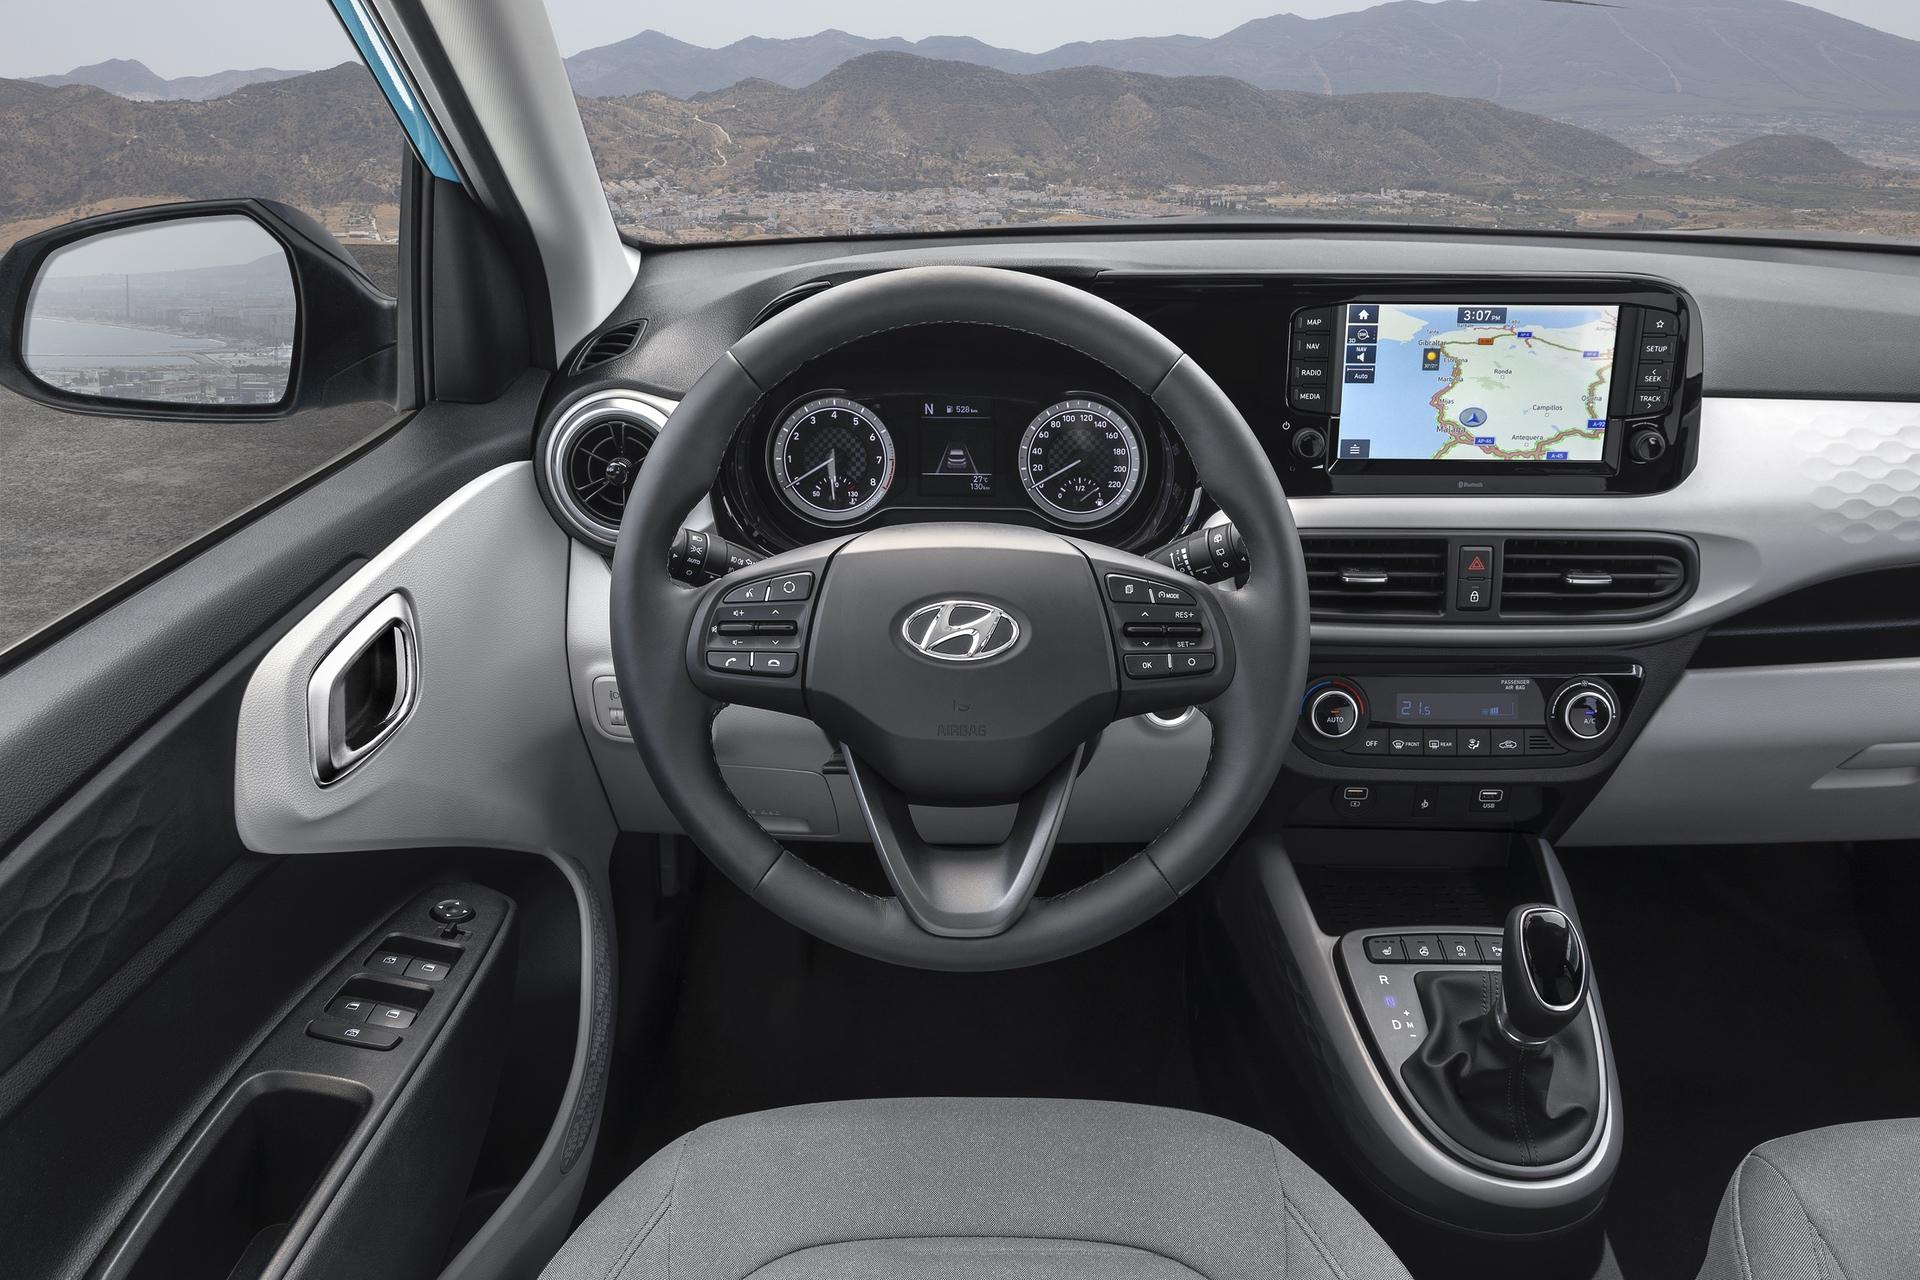 2020_Hyundai_i10_0026